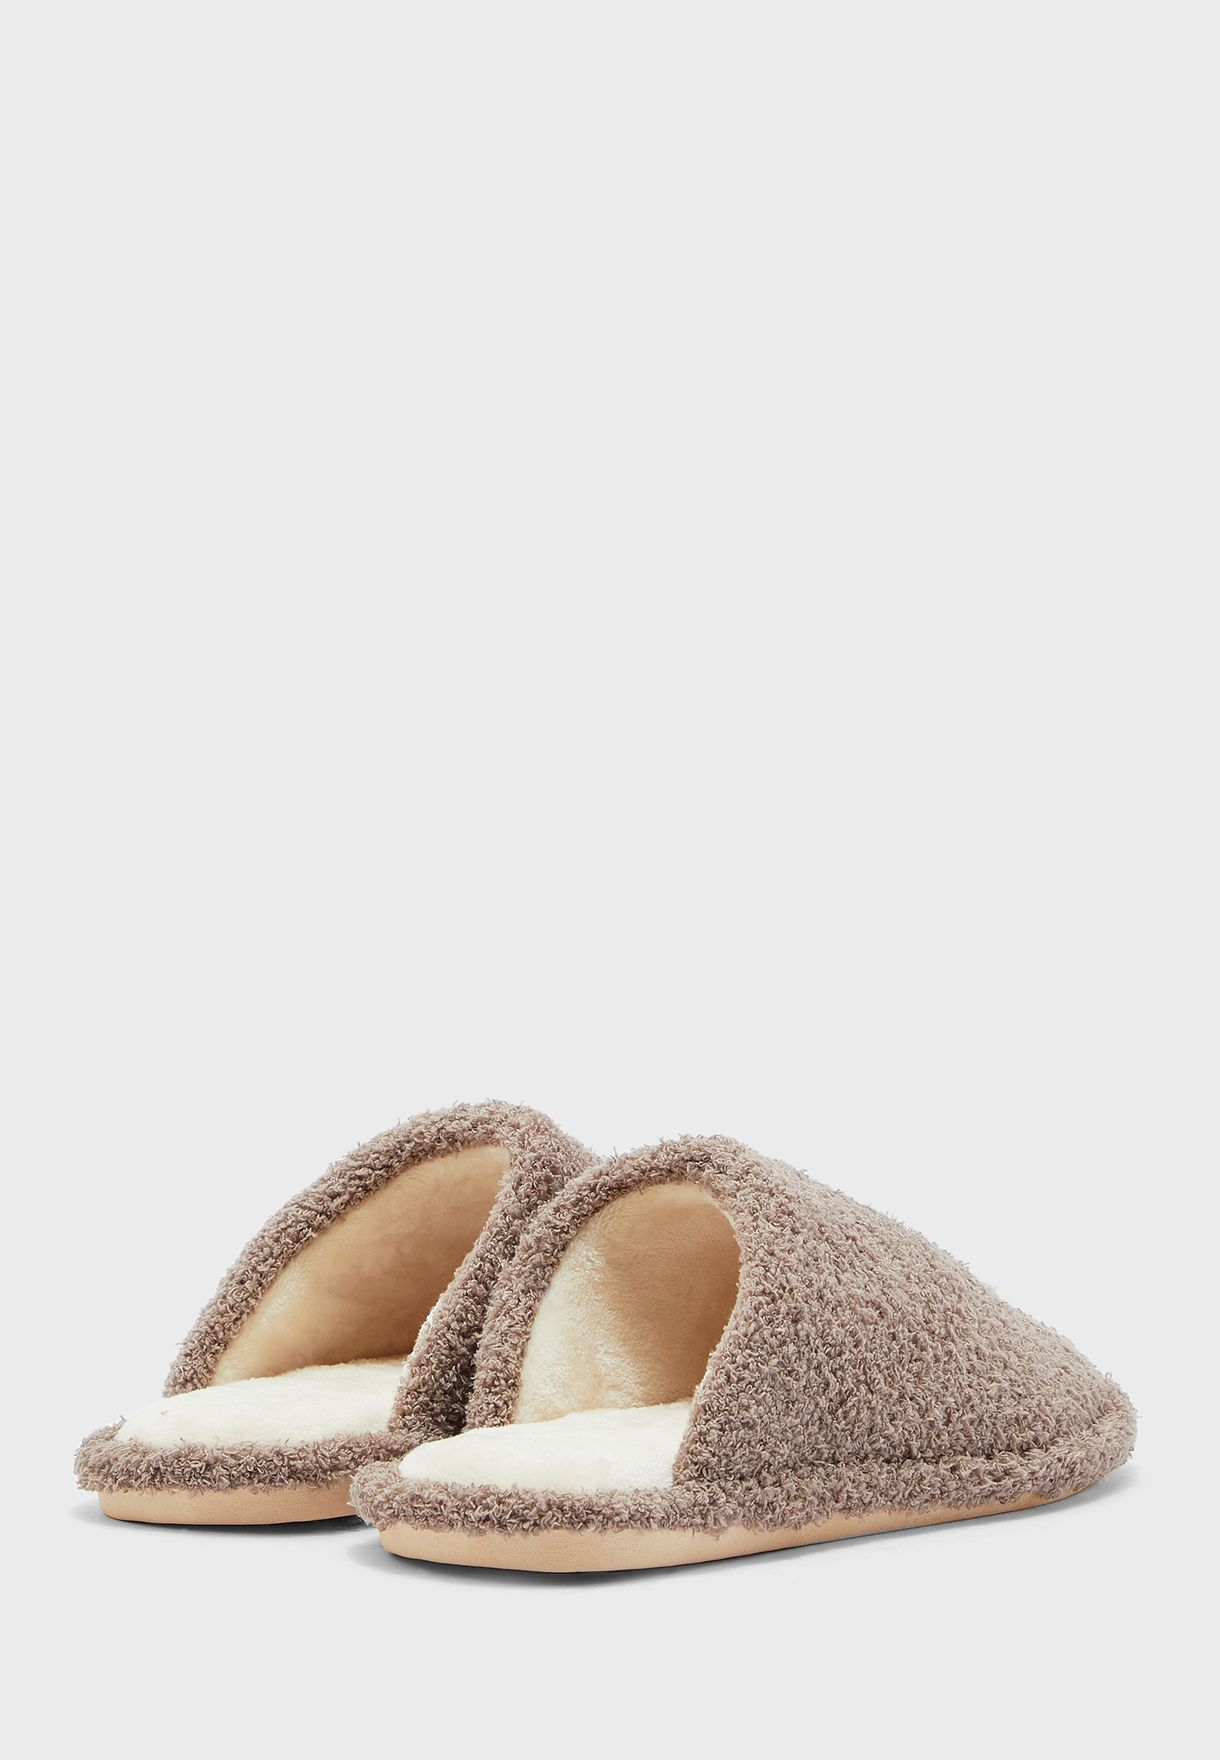 Men's Bedroom Slippers